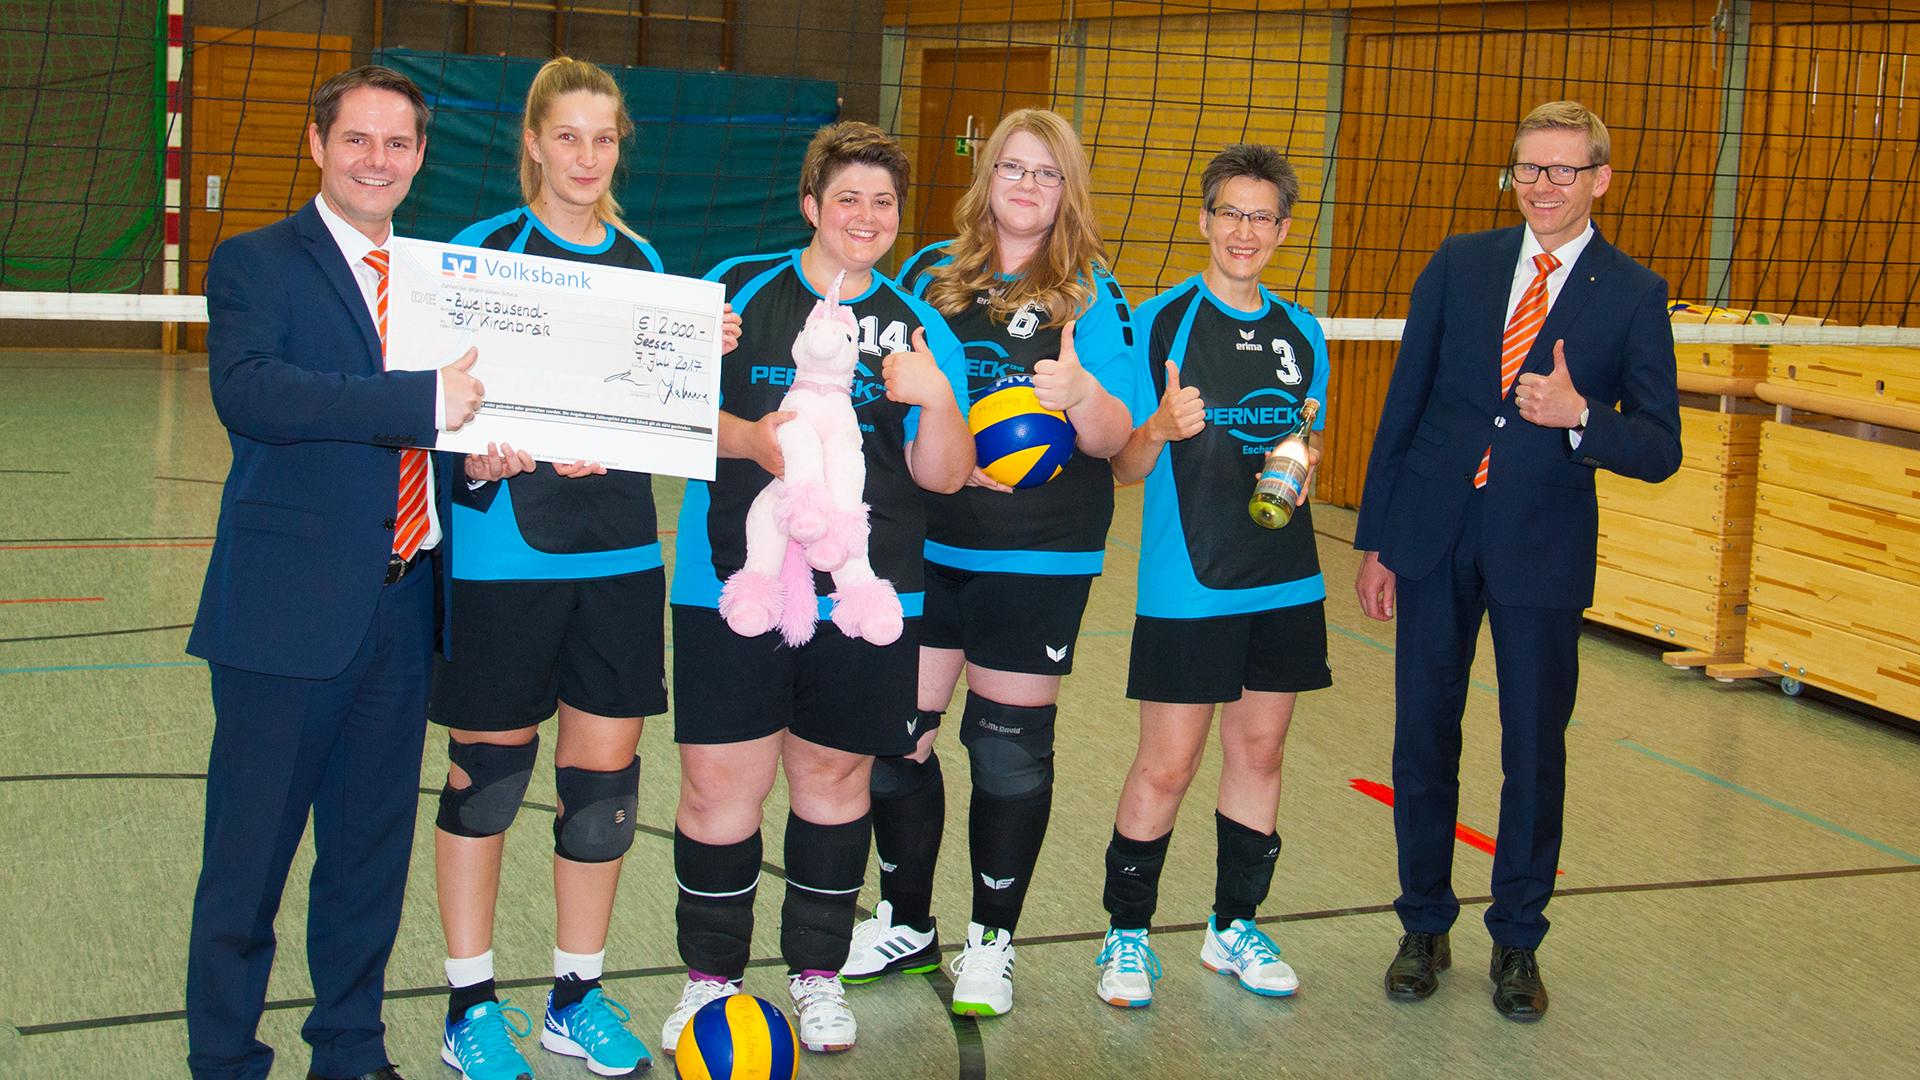 Die Gewinner: Der TSV Kirchbrak e.V. vertreten von den Volleyballerinnen. Gewinnübergabe von Vorstandsmitglied Dr. Jörg Hahne und Bereichsleiter Jan Hausmann